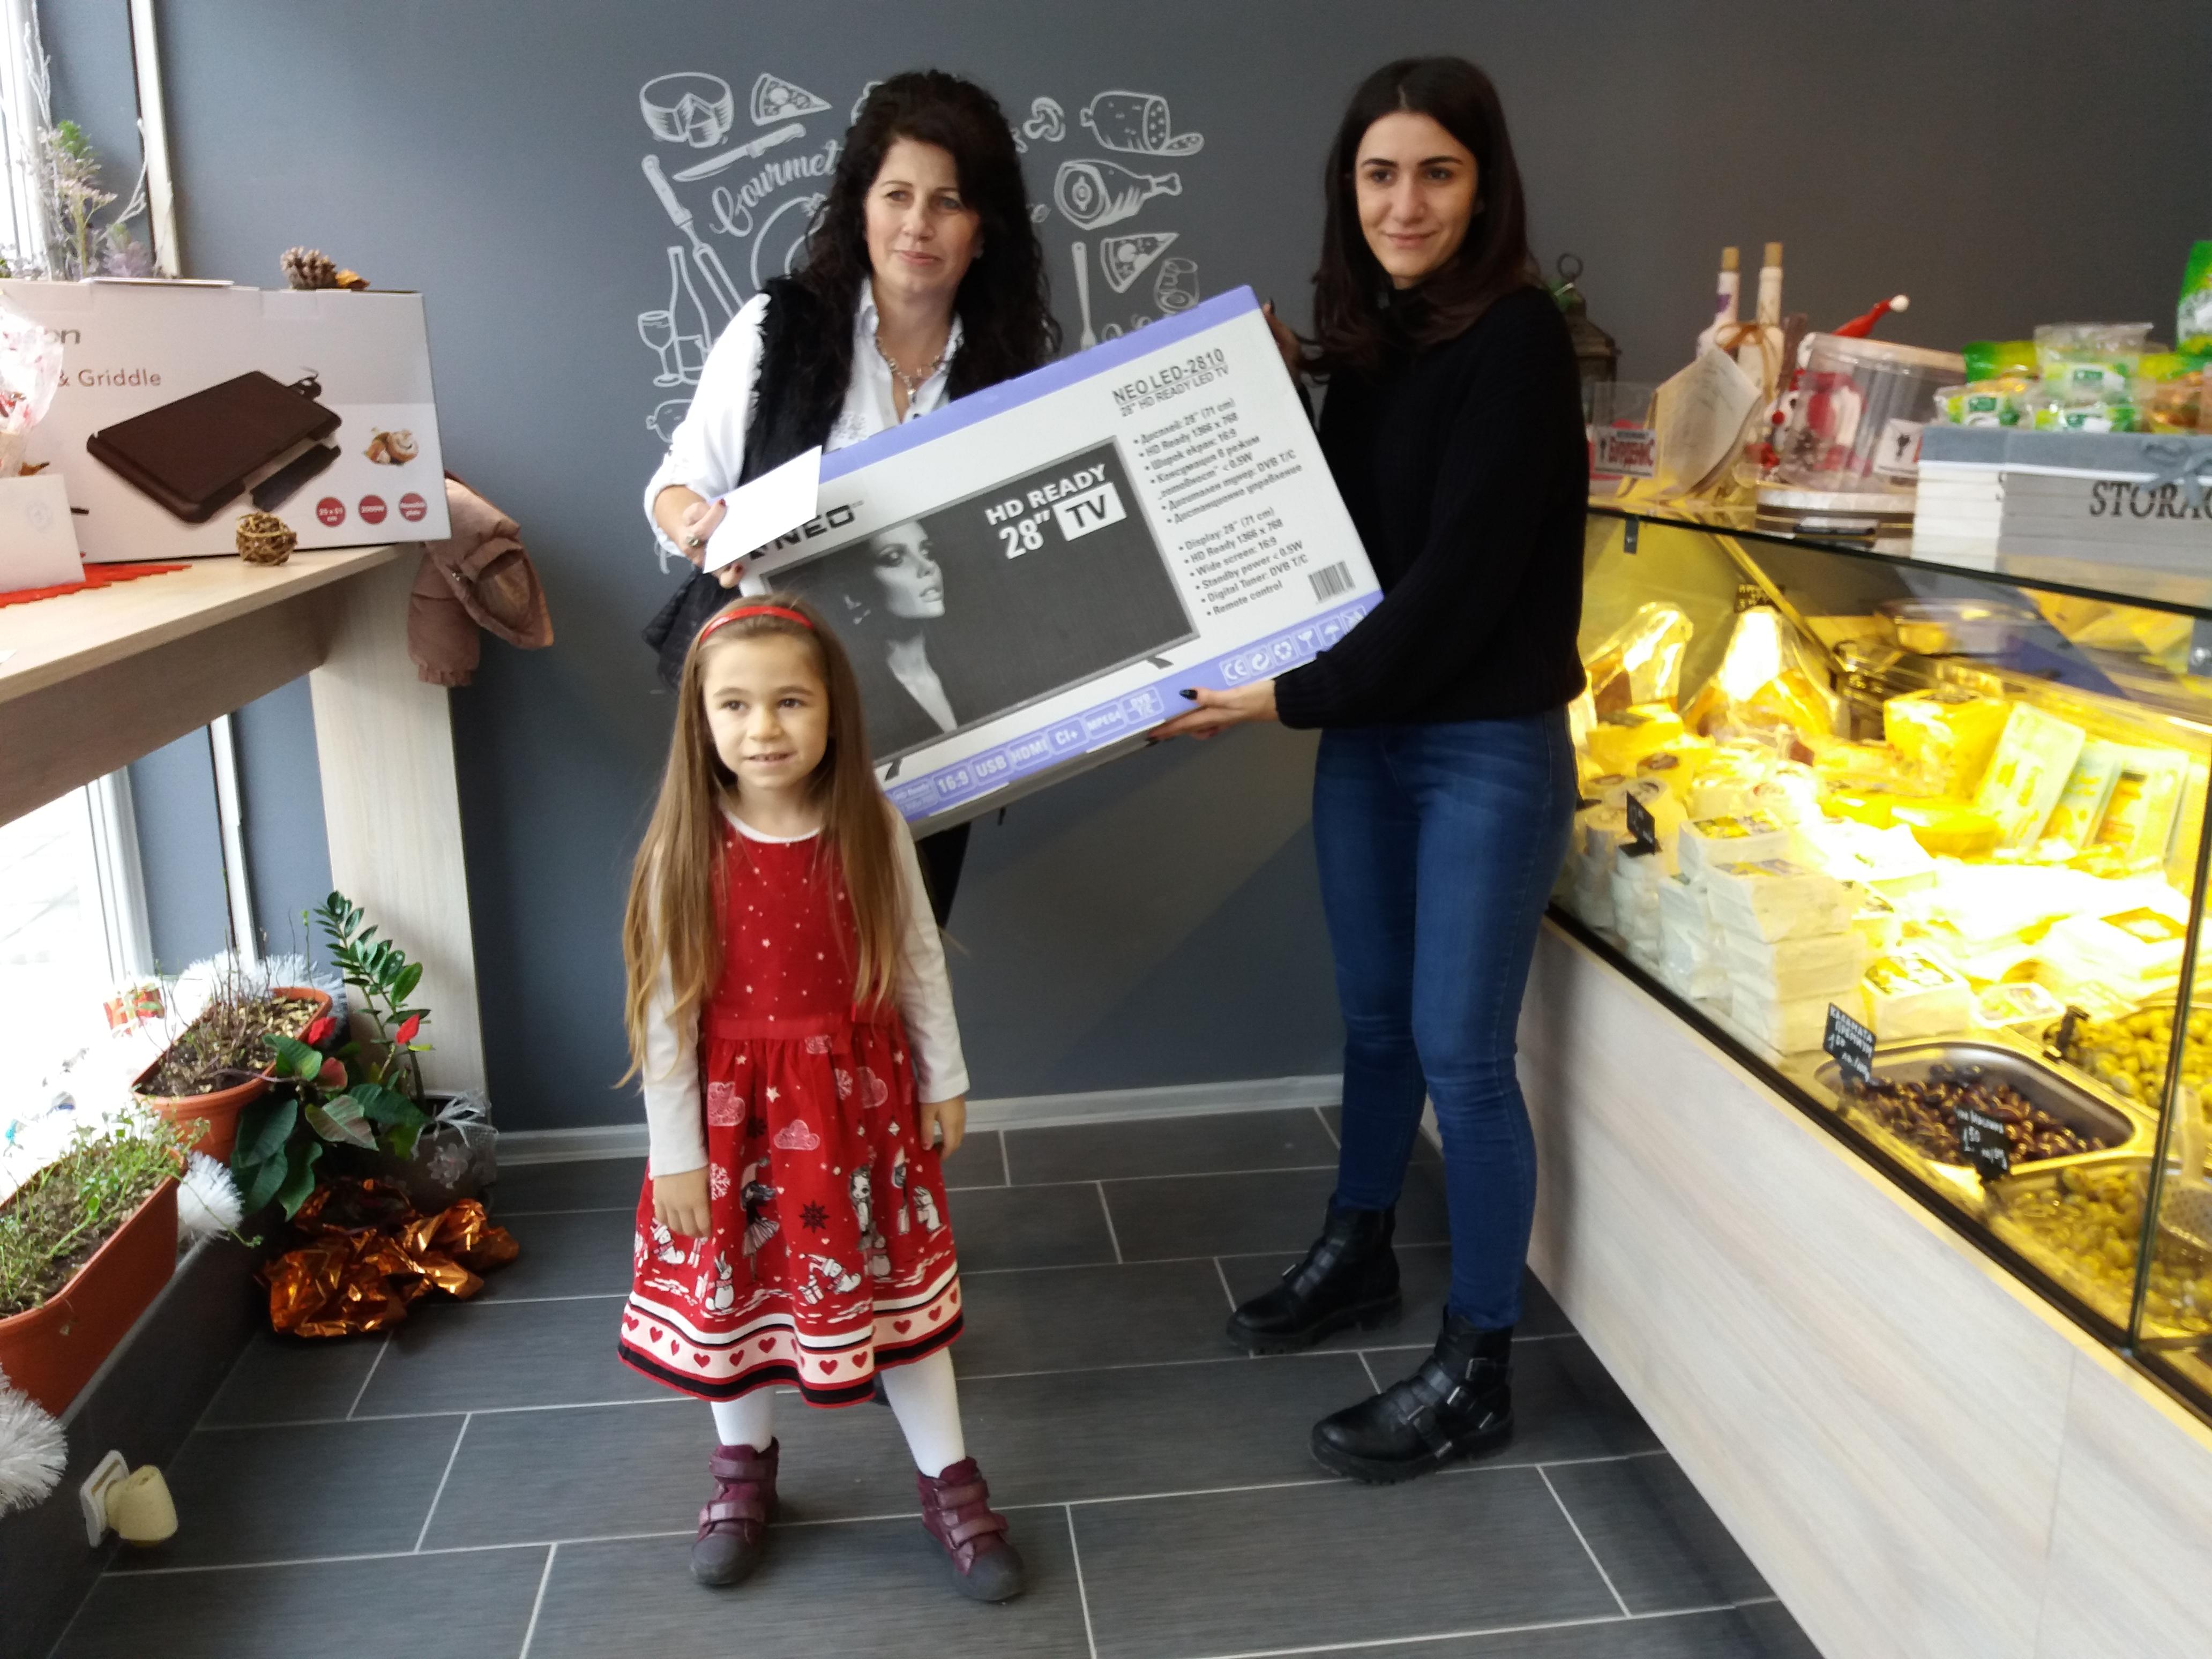 Соня Марашева спечели телевизор от томболата на месокомбинат Бурденис